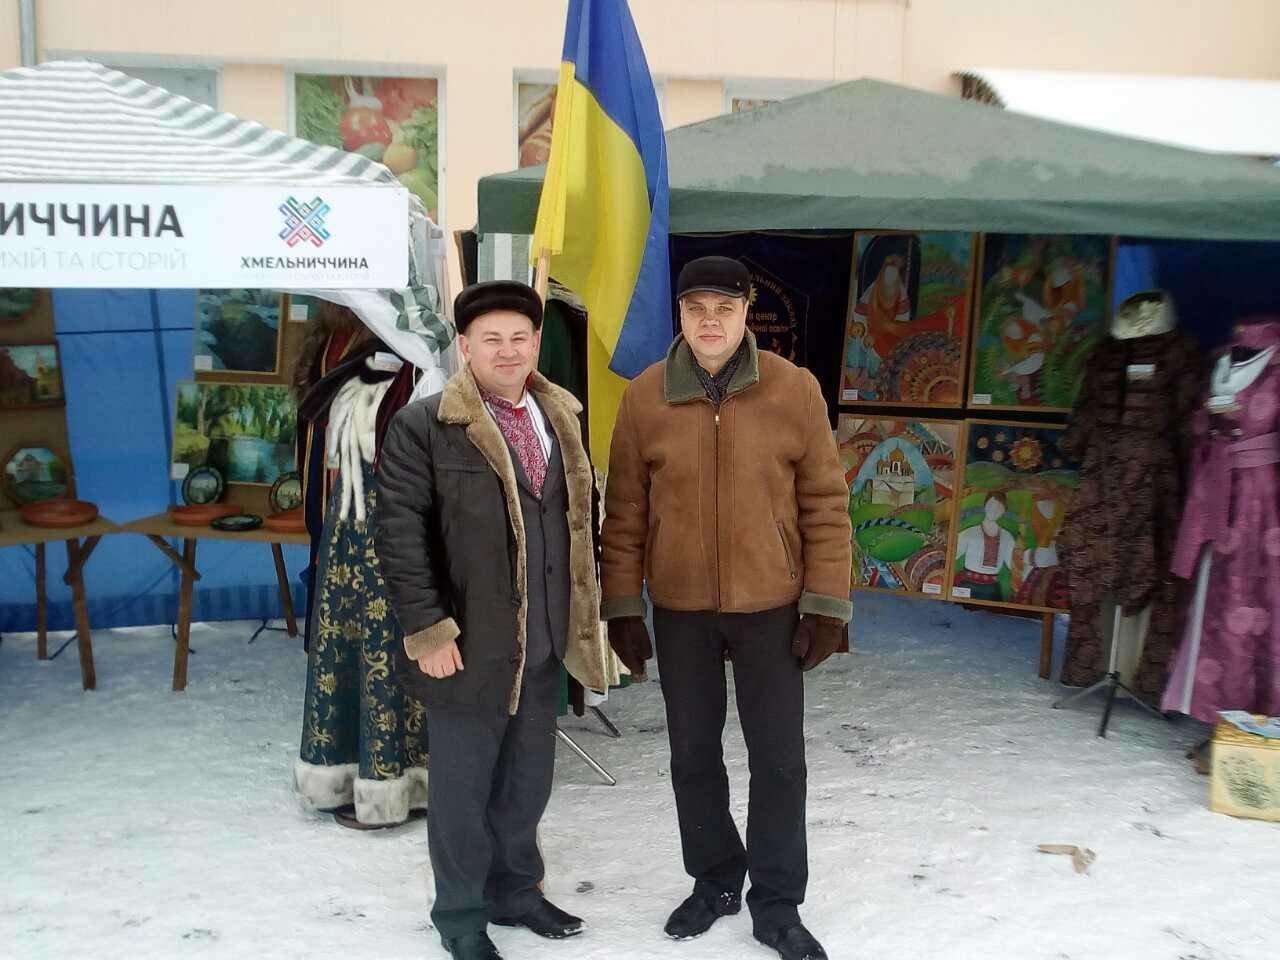 Подільський центр ПТО представив виставку на міжобласному заході до Дня Соборності України, фото-5